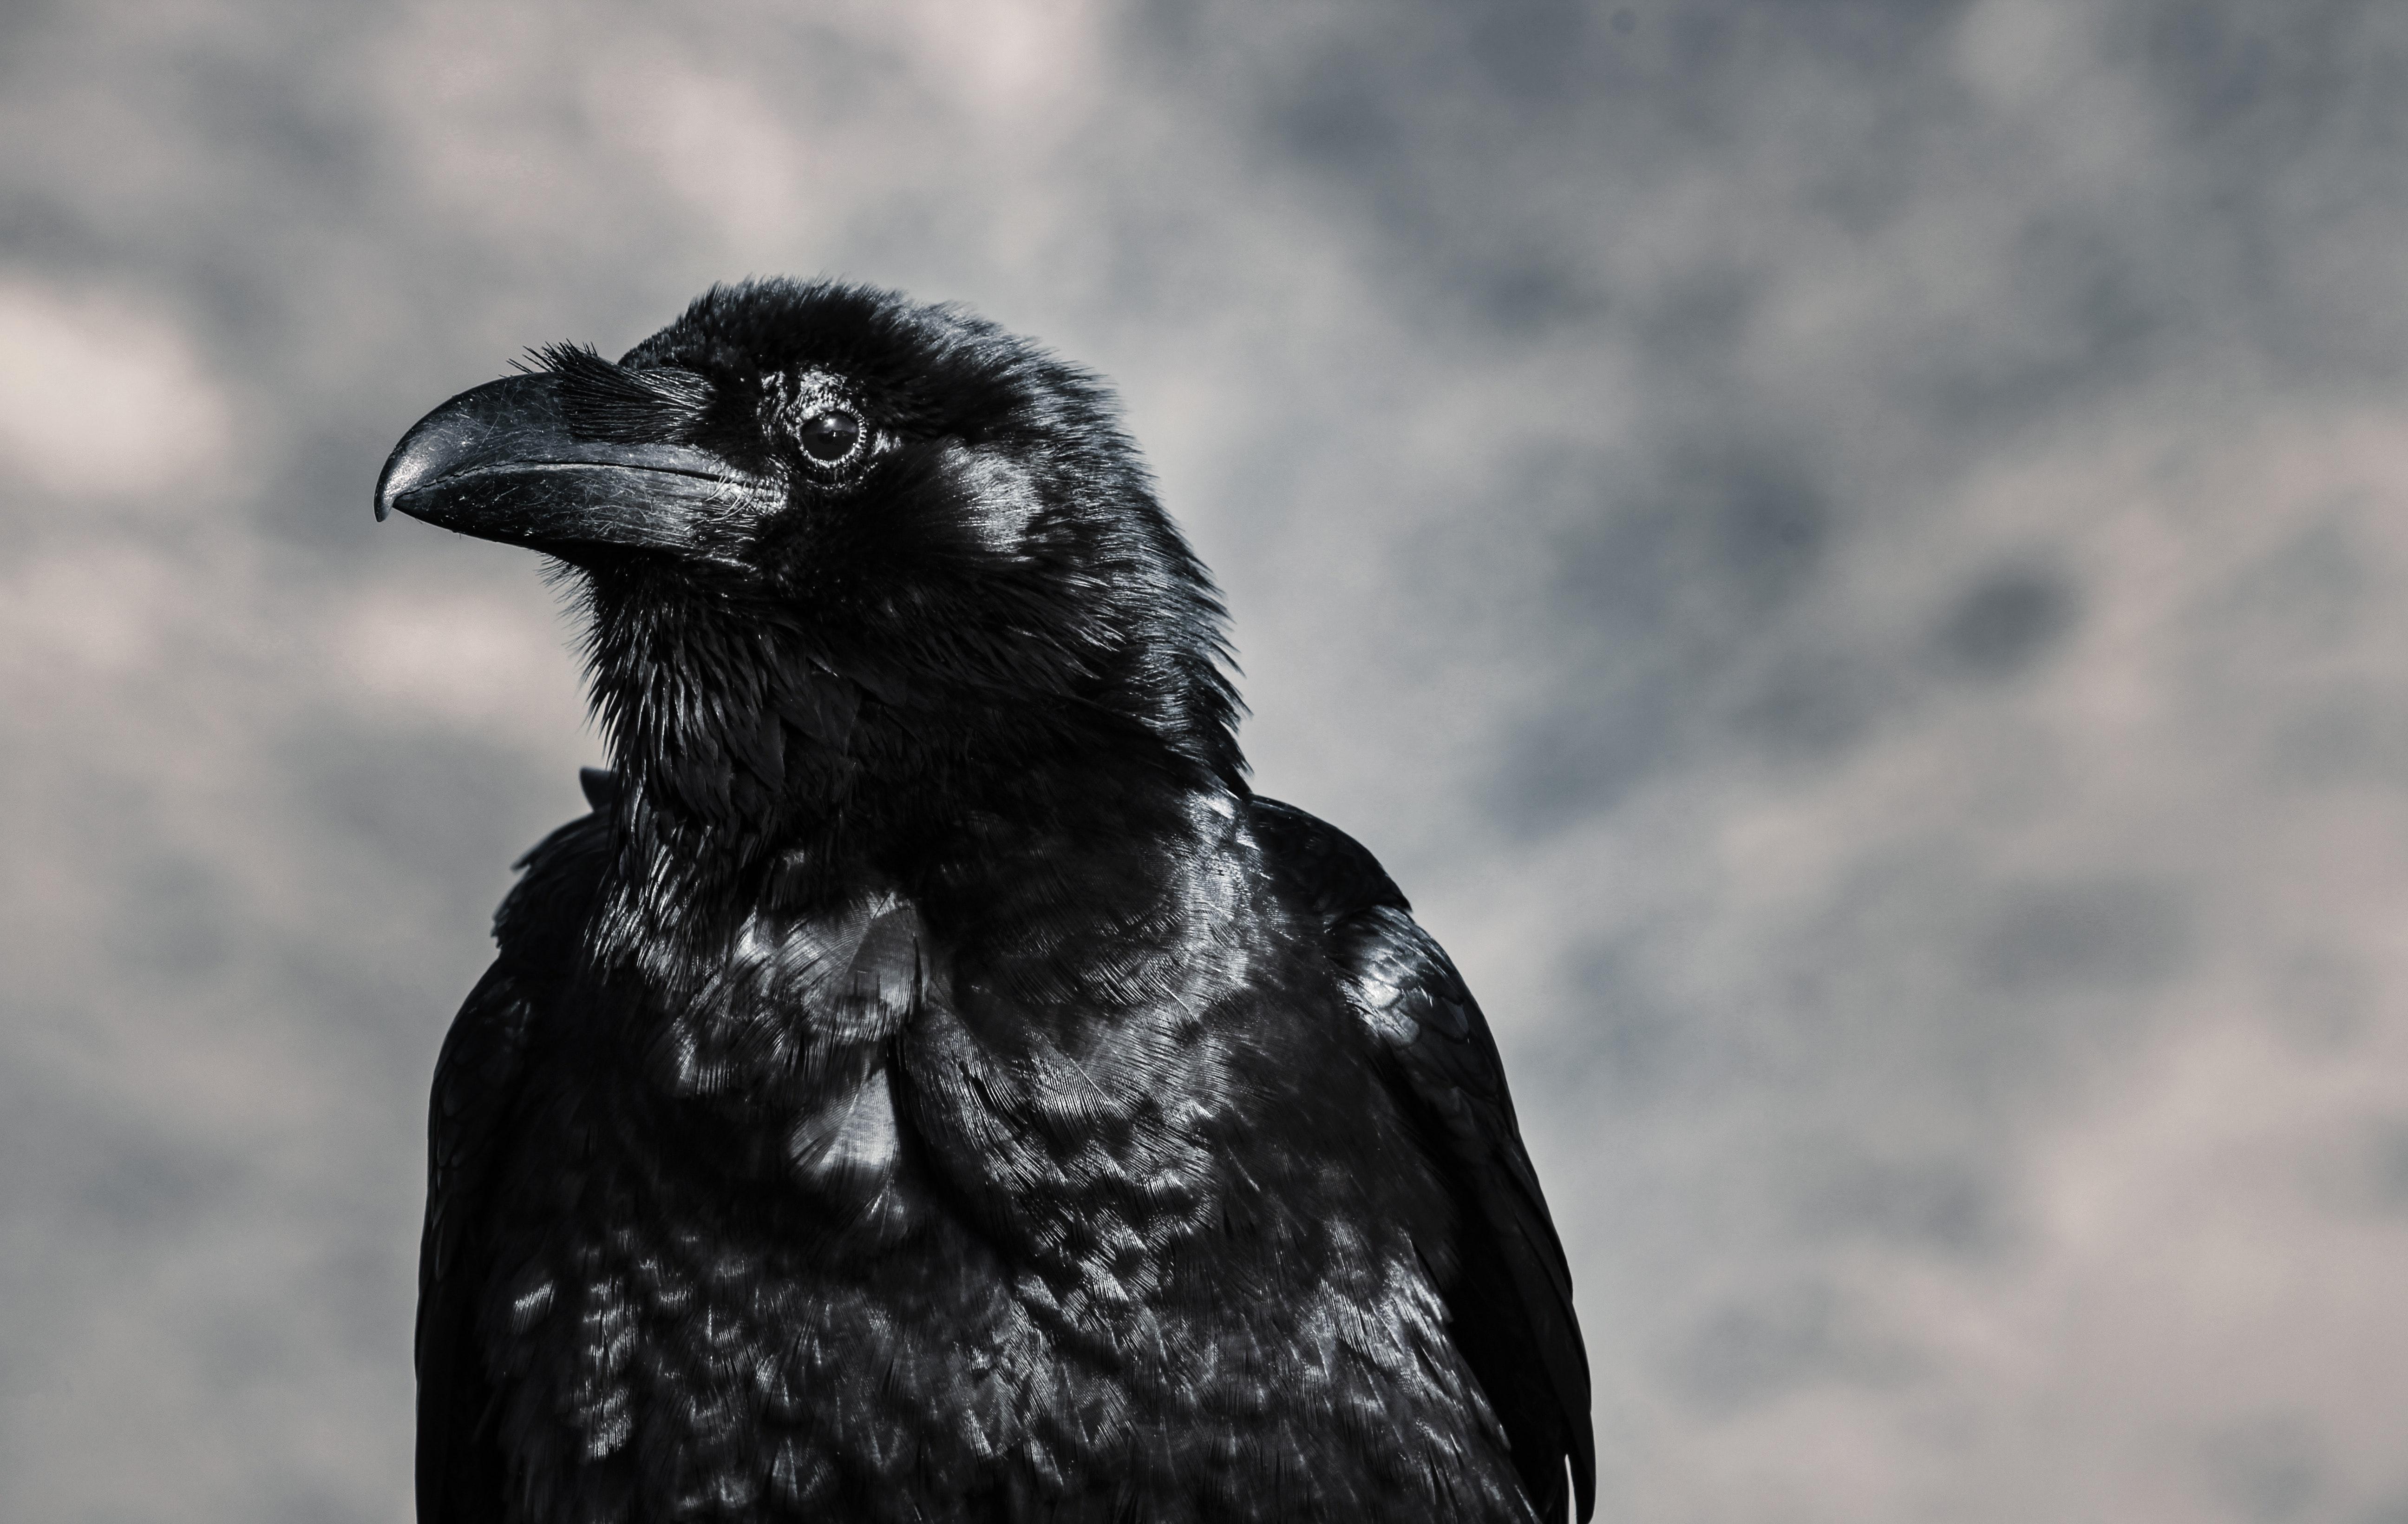 139923 Hintergrundbild 1024x600 kostenlos auf deinem Handy, lade Bilder Tiere, Vogel, Schnabel, Das Schwarze, Rabe 1024x600 auf dein Handy herunter